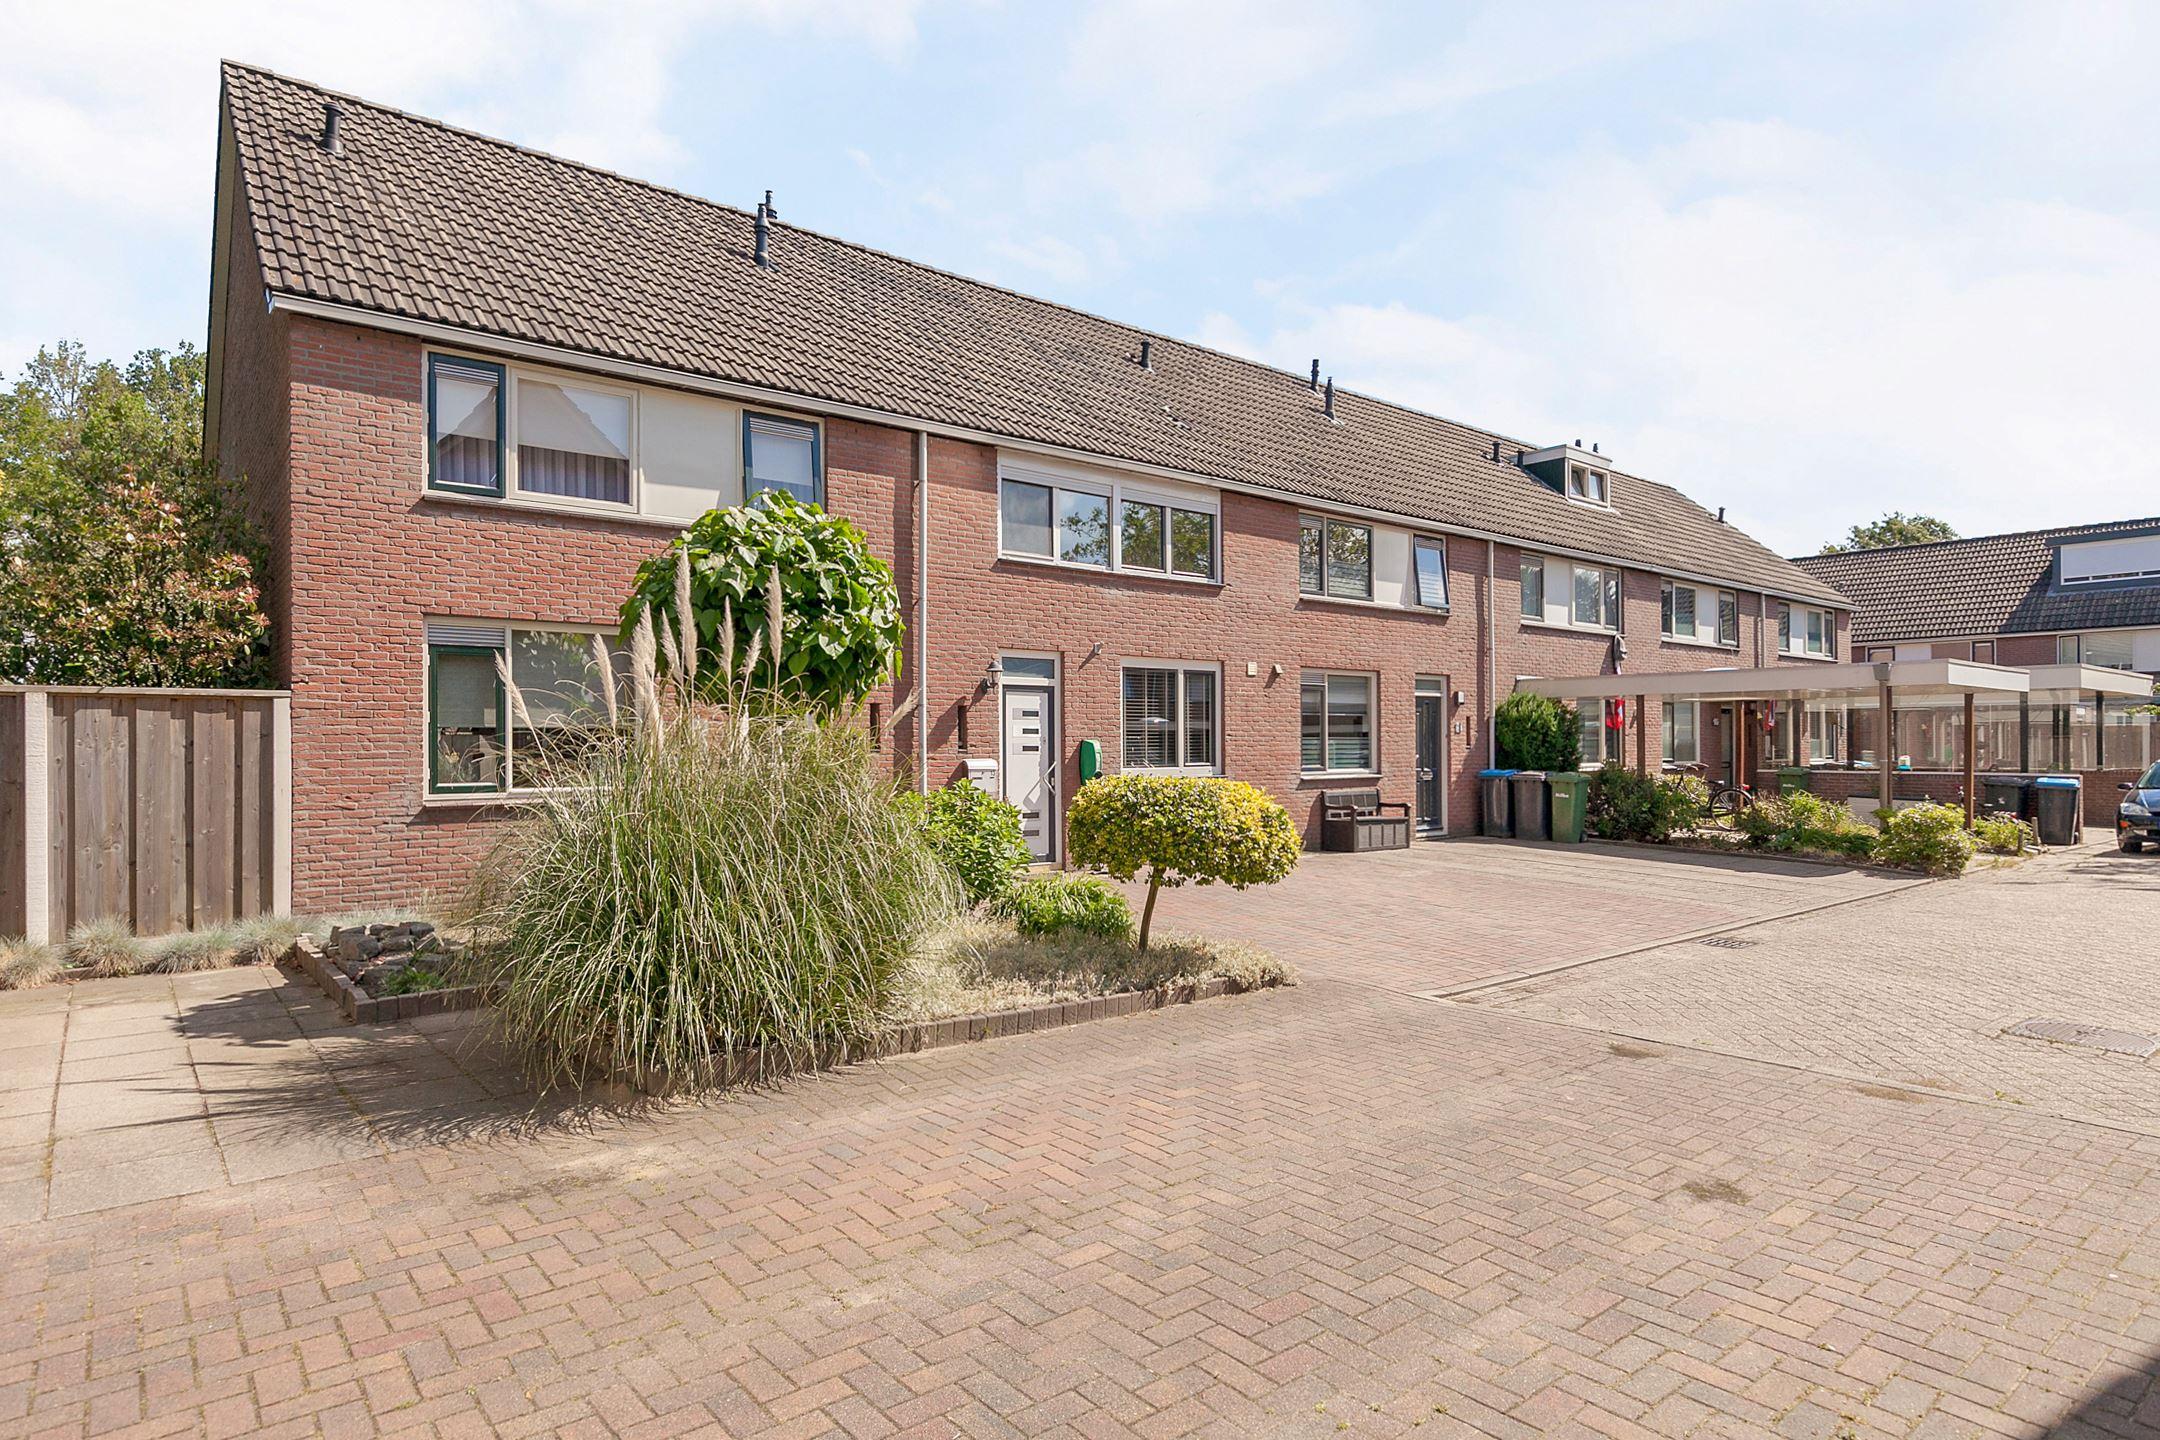 a Dutch row house